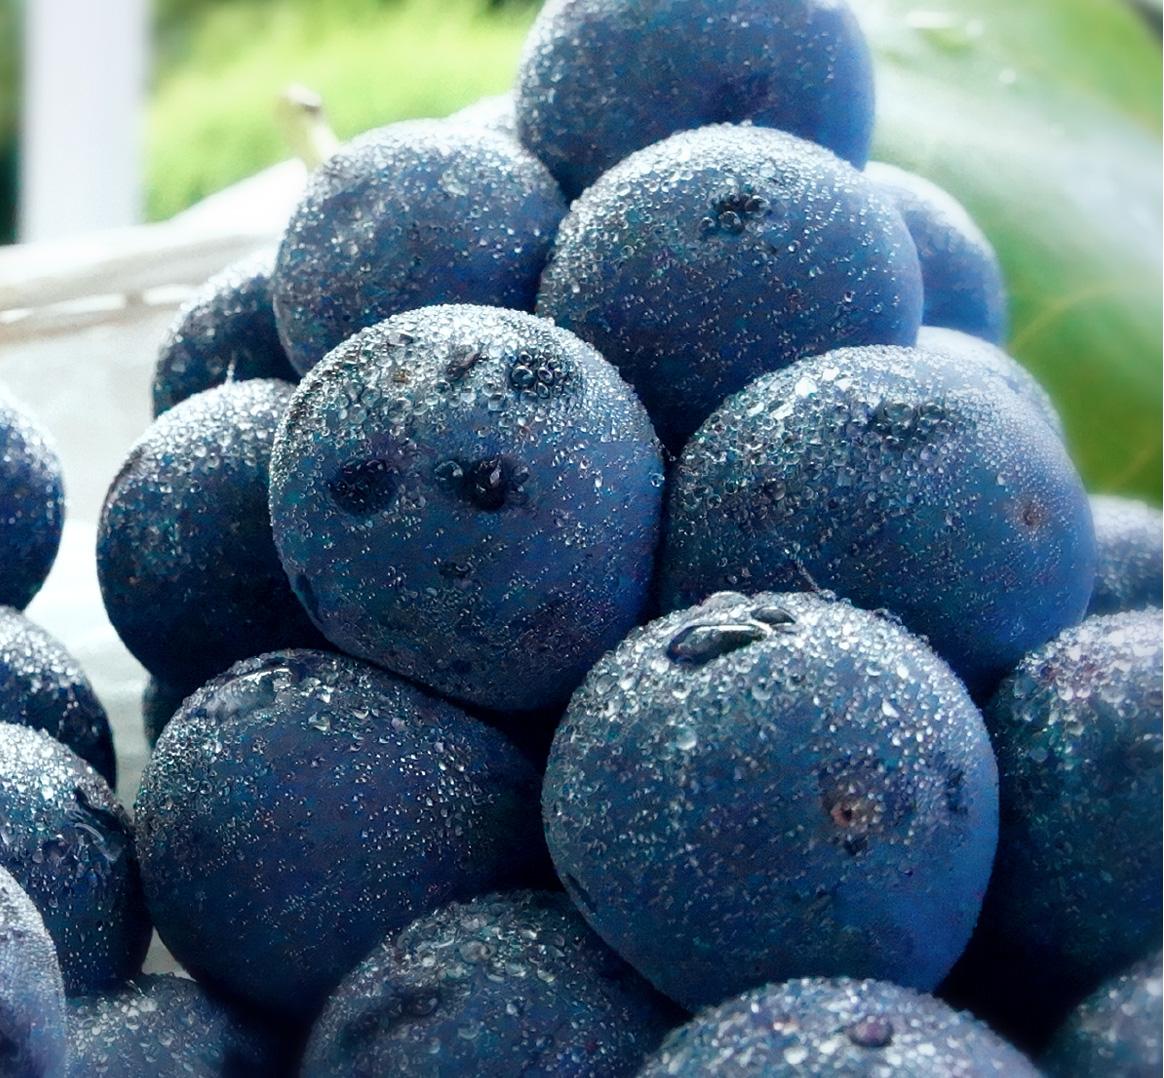 理想園の高級葡萄「ピオーネ」